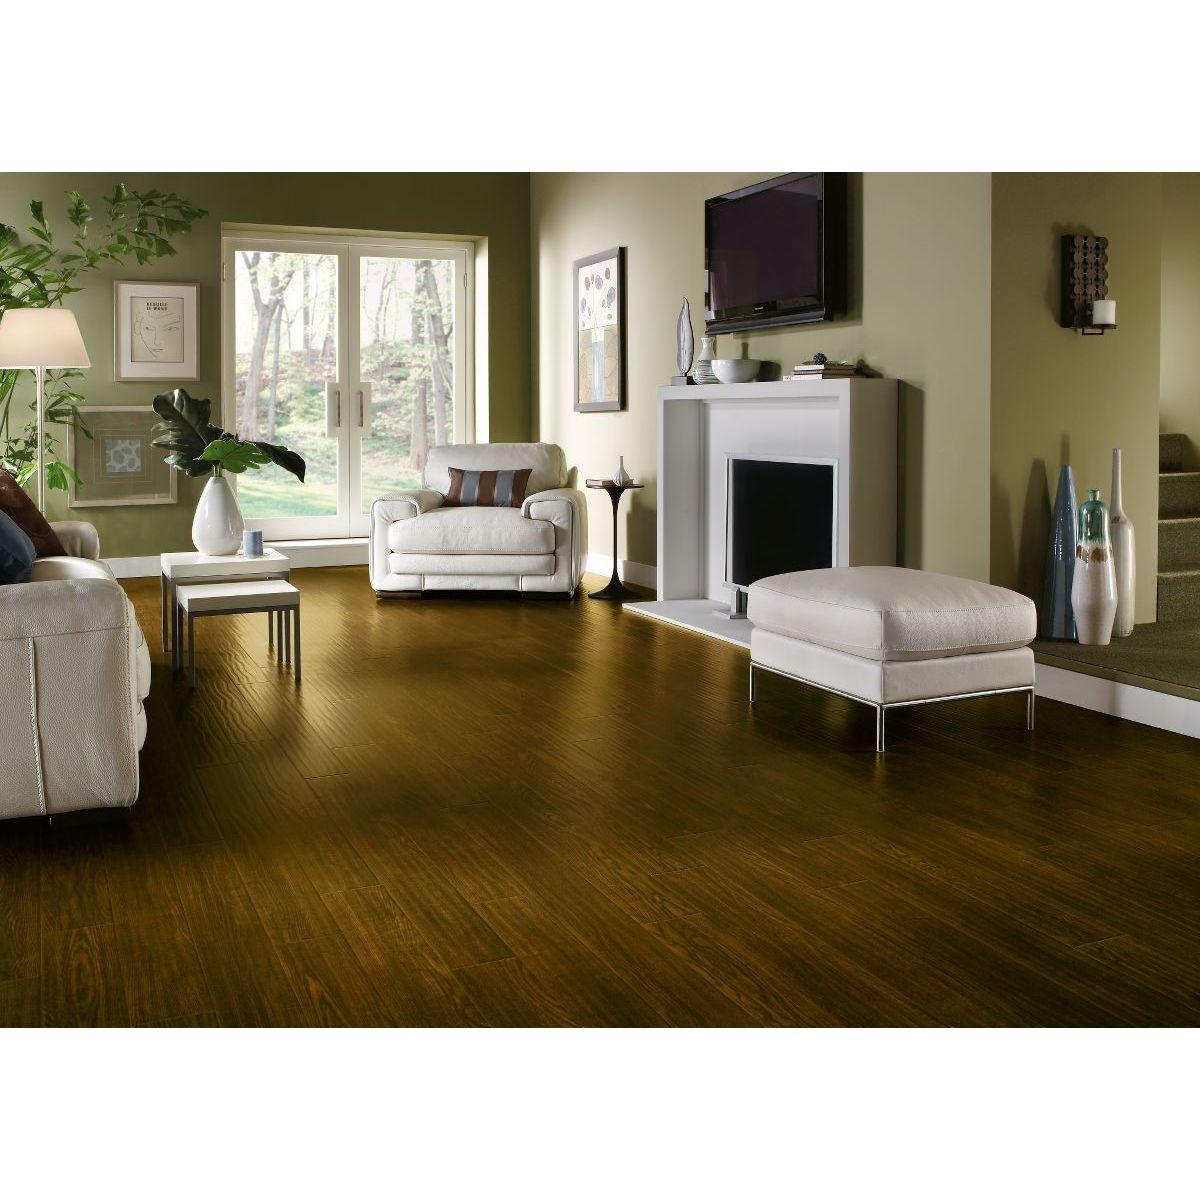 Armstrong Rustics Premium Laminate Flooring (Case of 14.0...